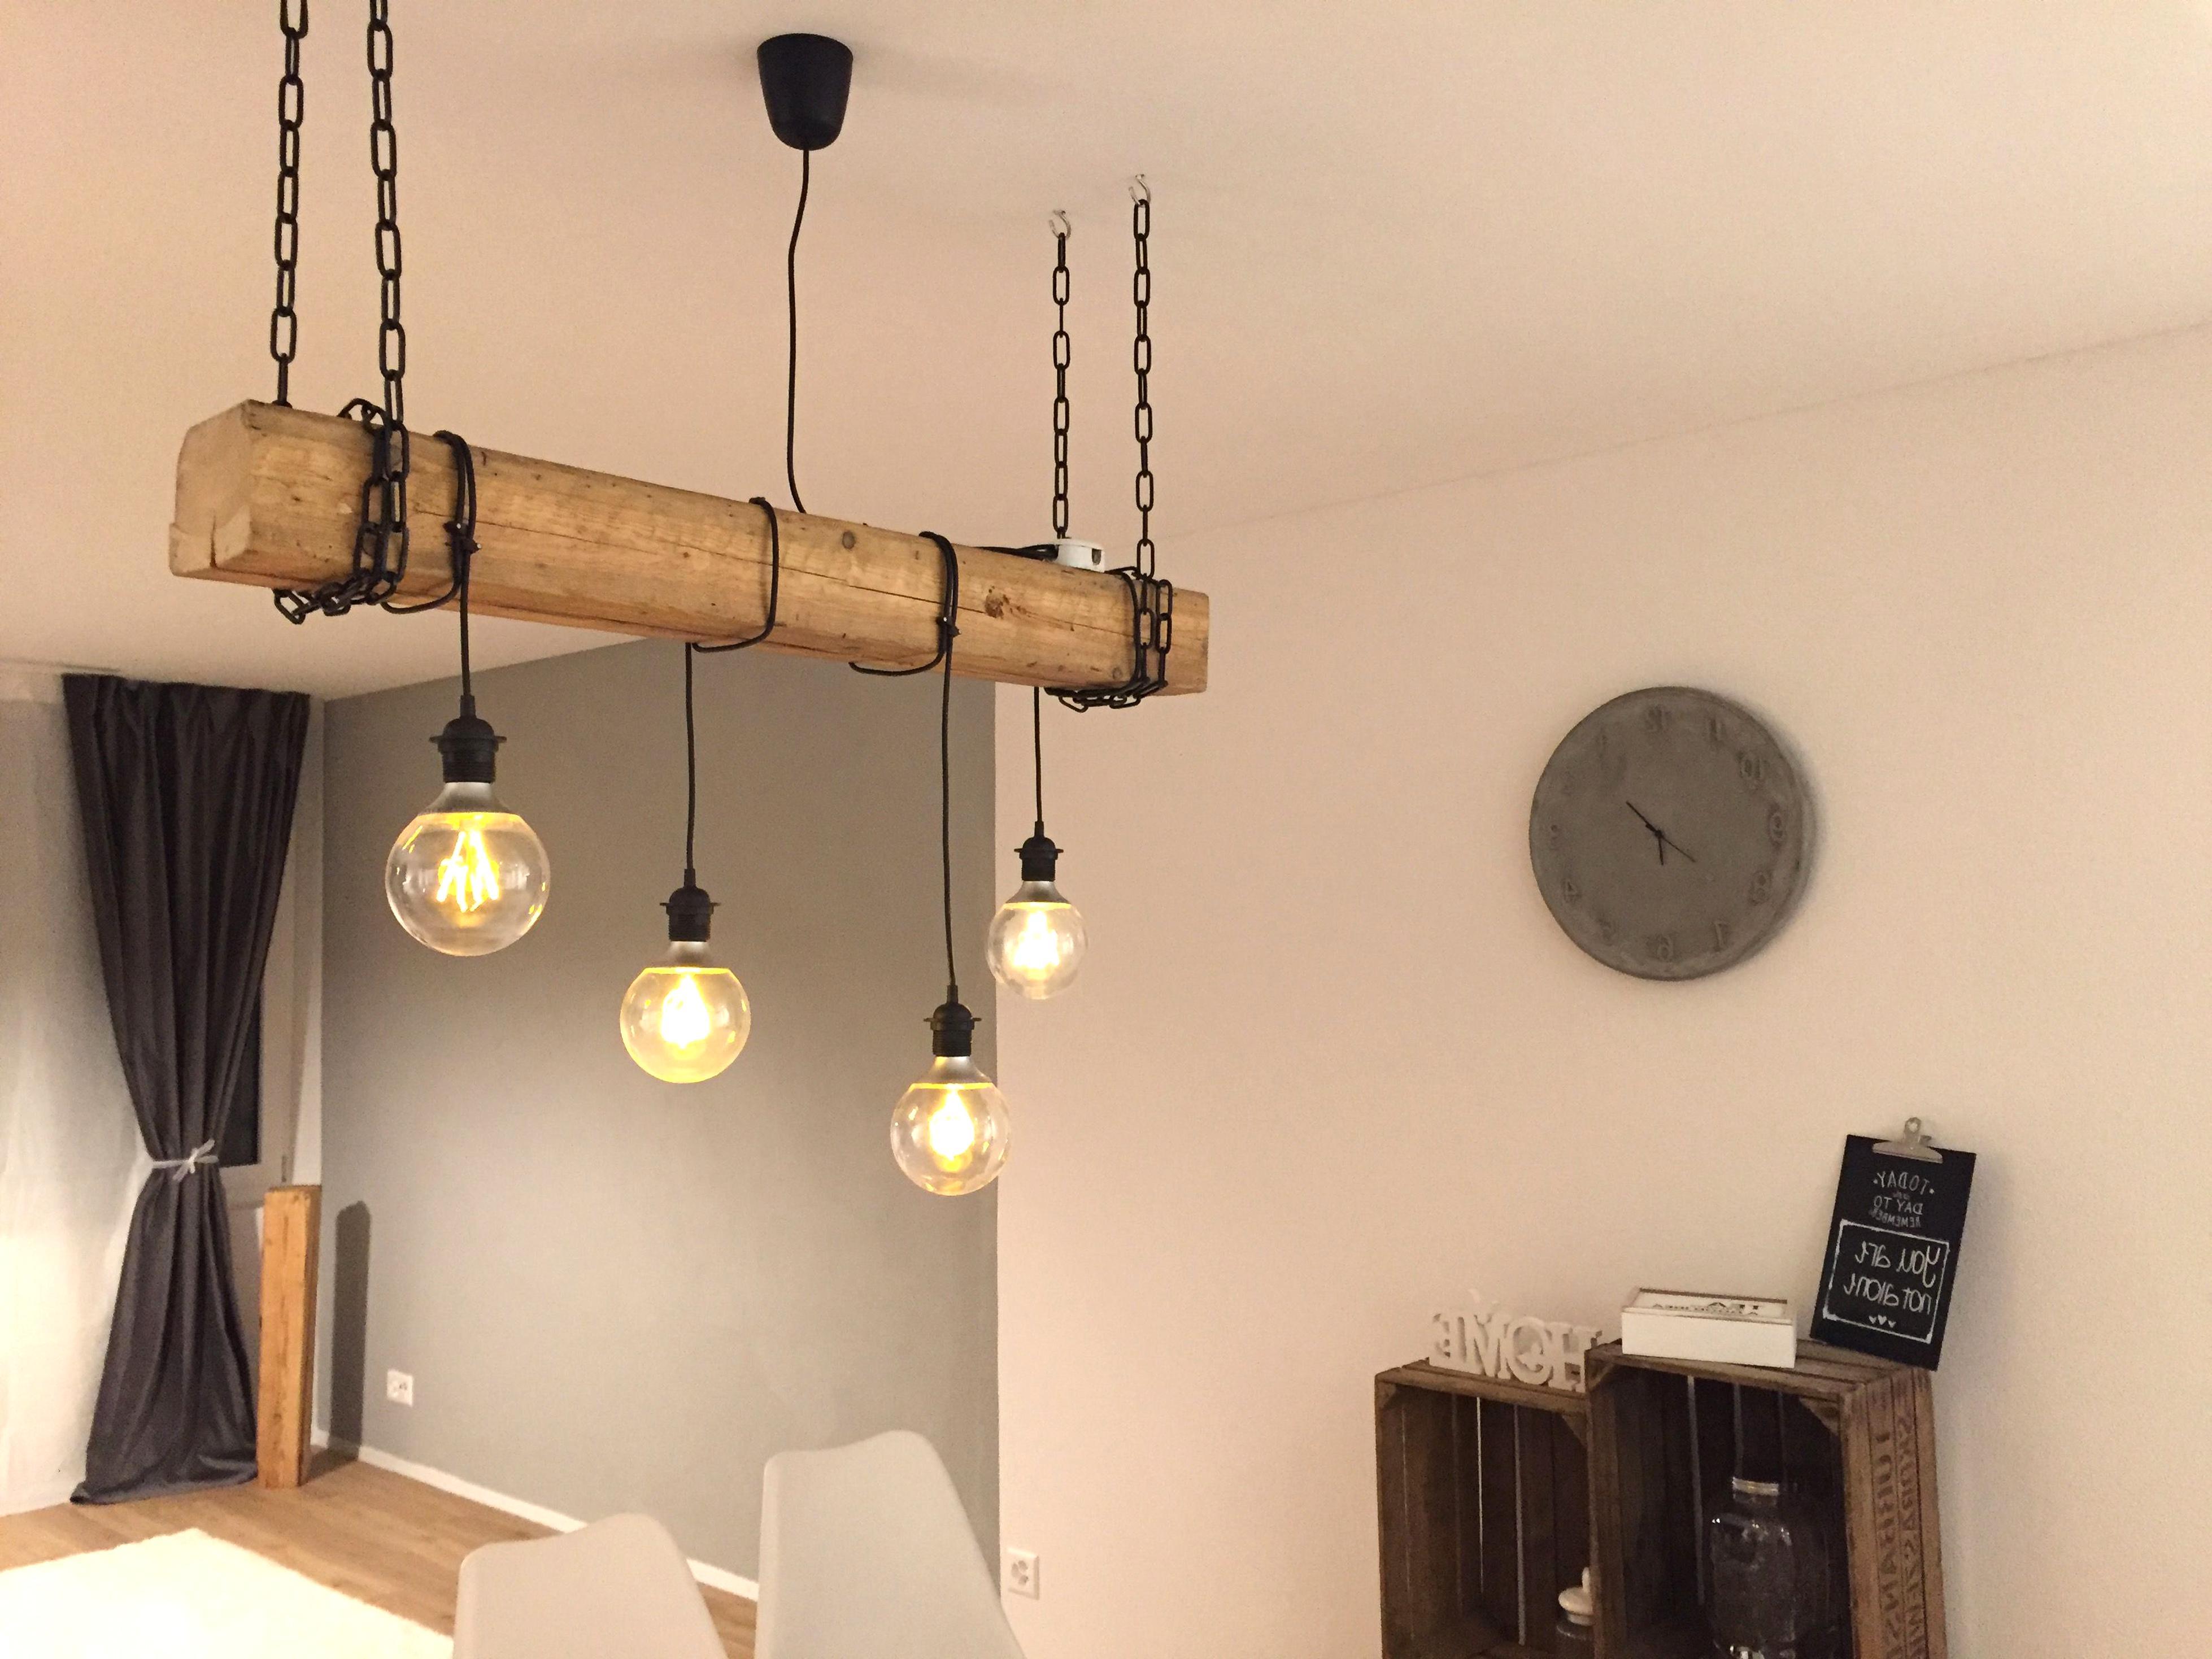 Rustikale Lampe gebraucht kaufen! Nur 10 St. bis -10% günstiger